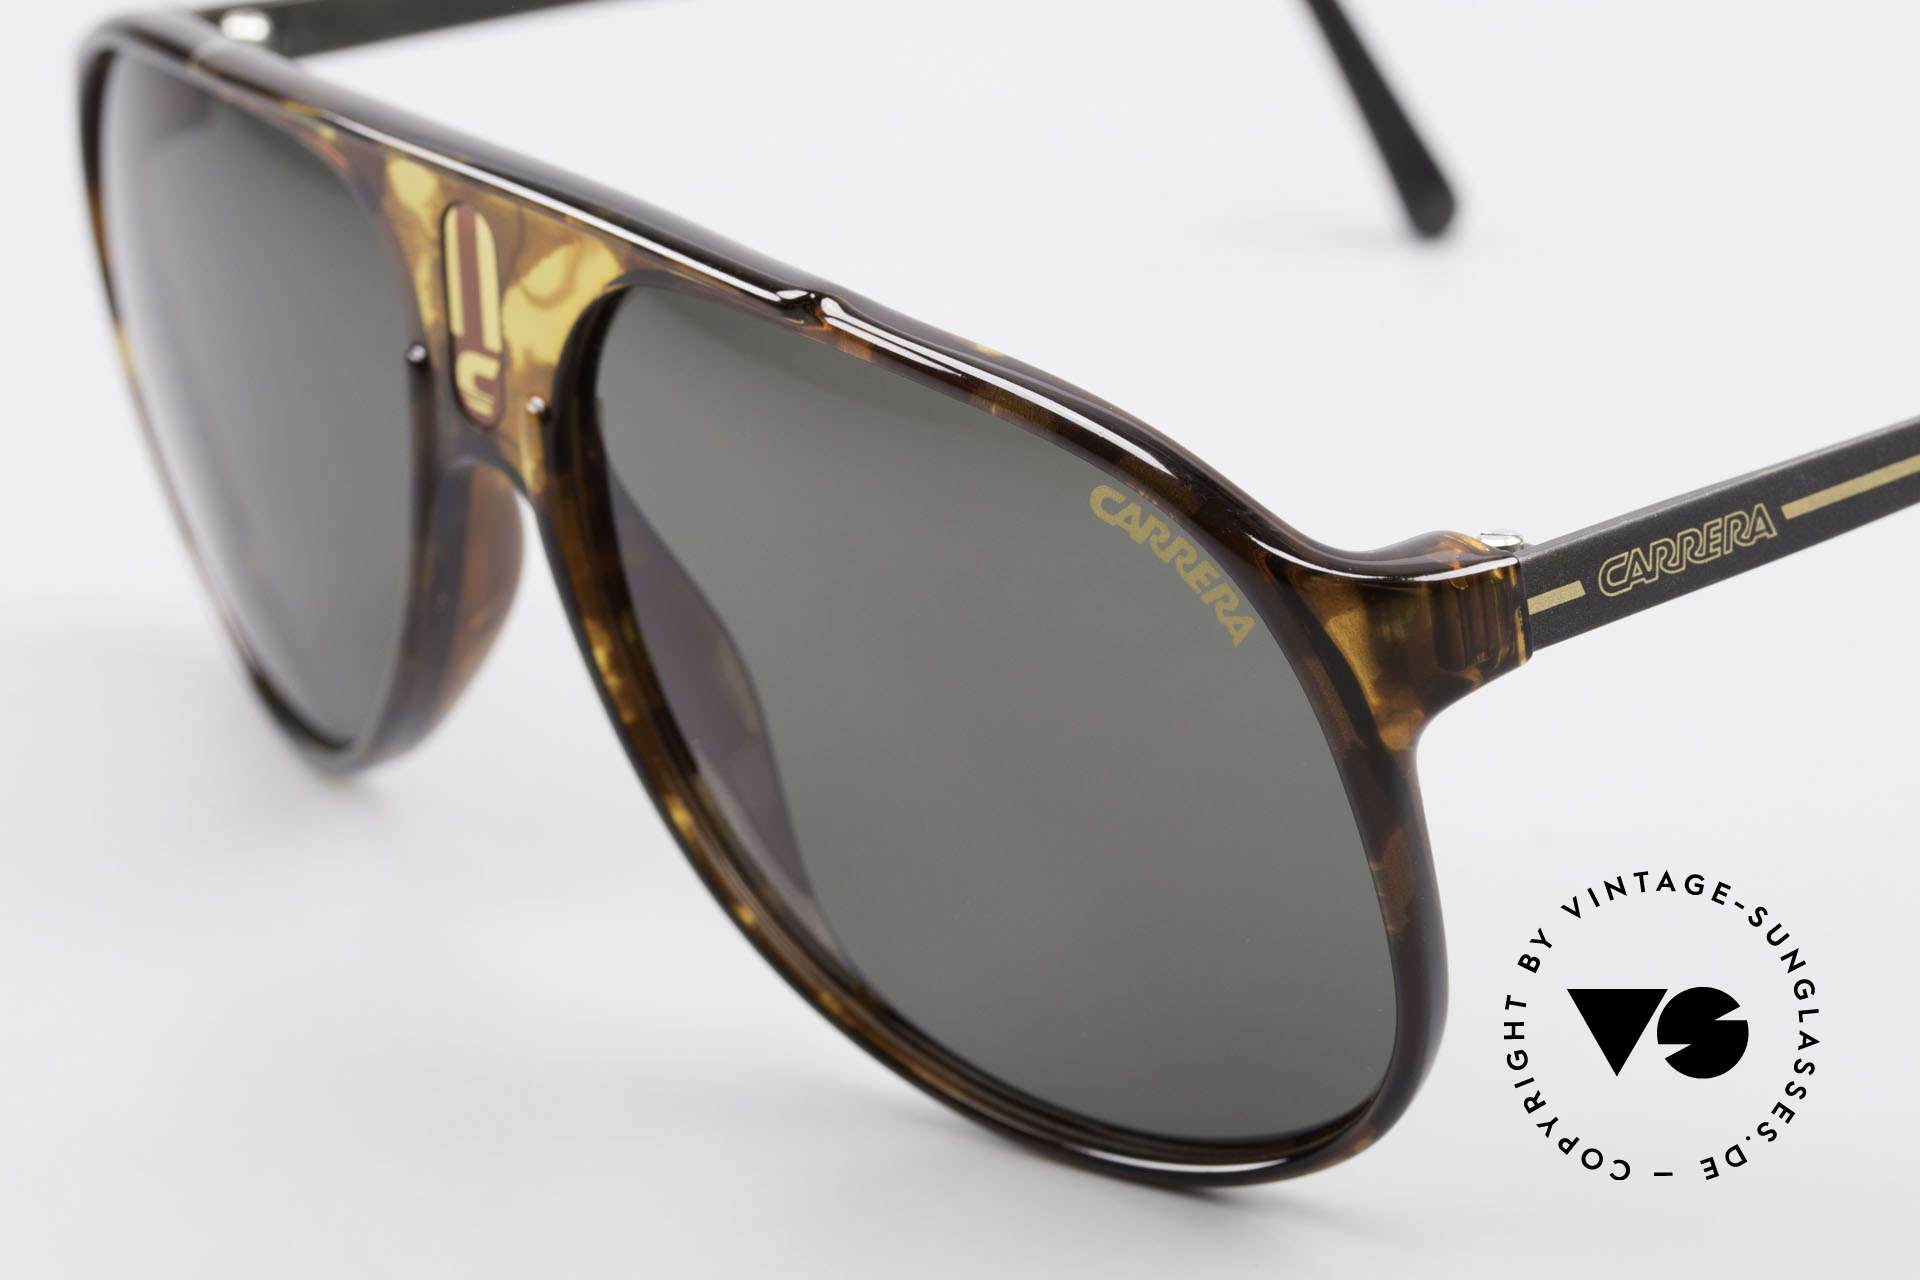 Carrera 5424 80er Aviator Sportsonnenbrille, funktional und stilvolle Lifestyle-Brille zugleich, Passend für Herren